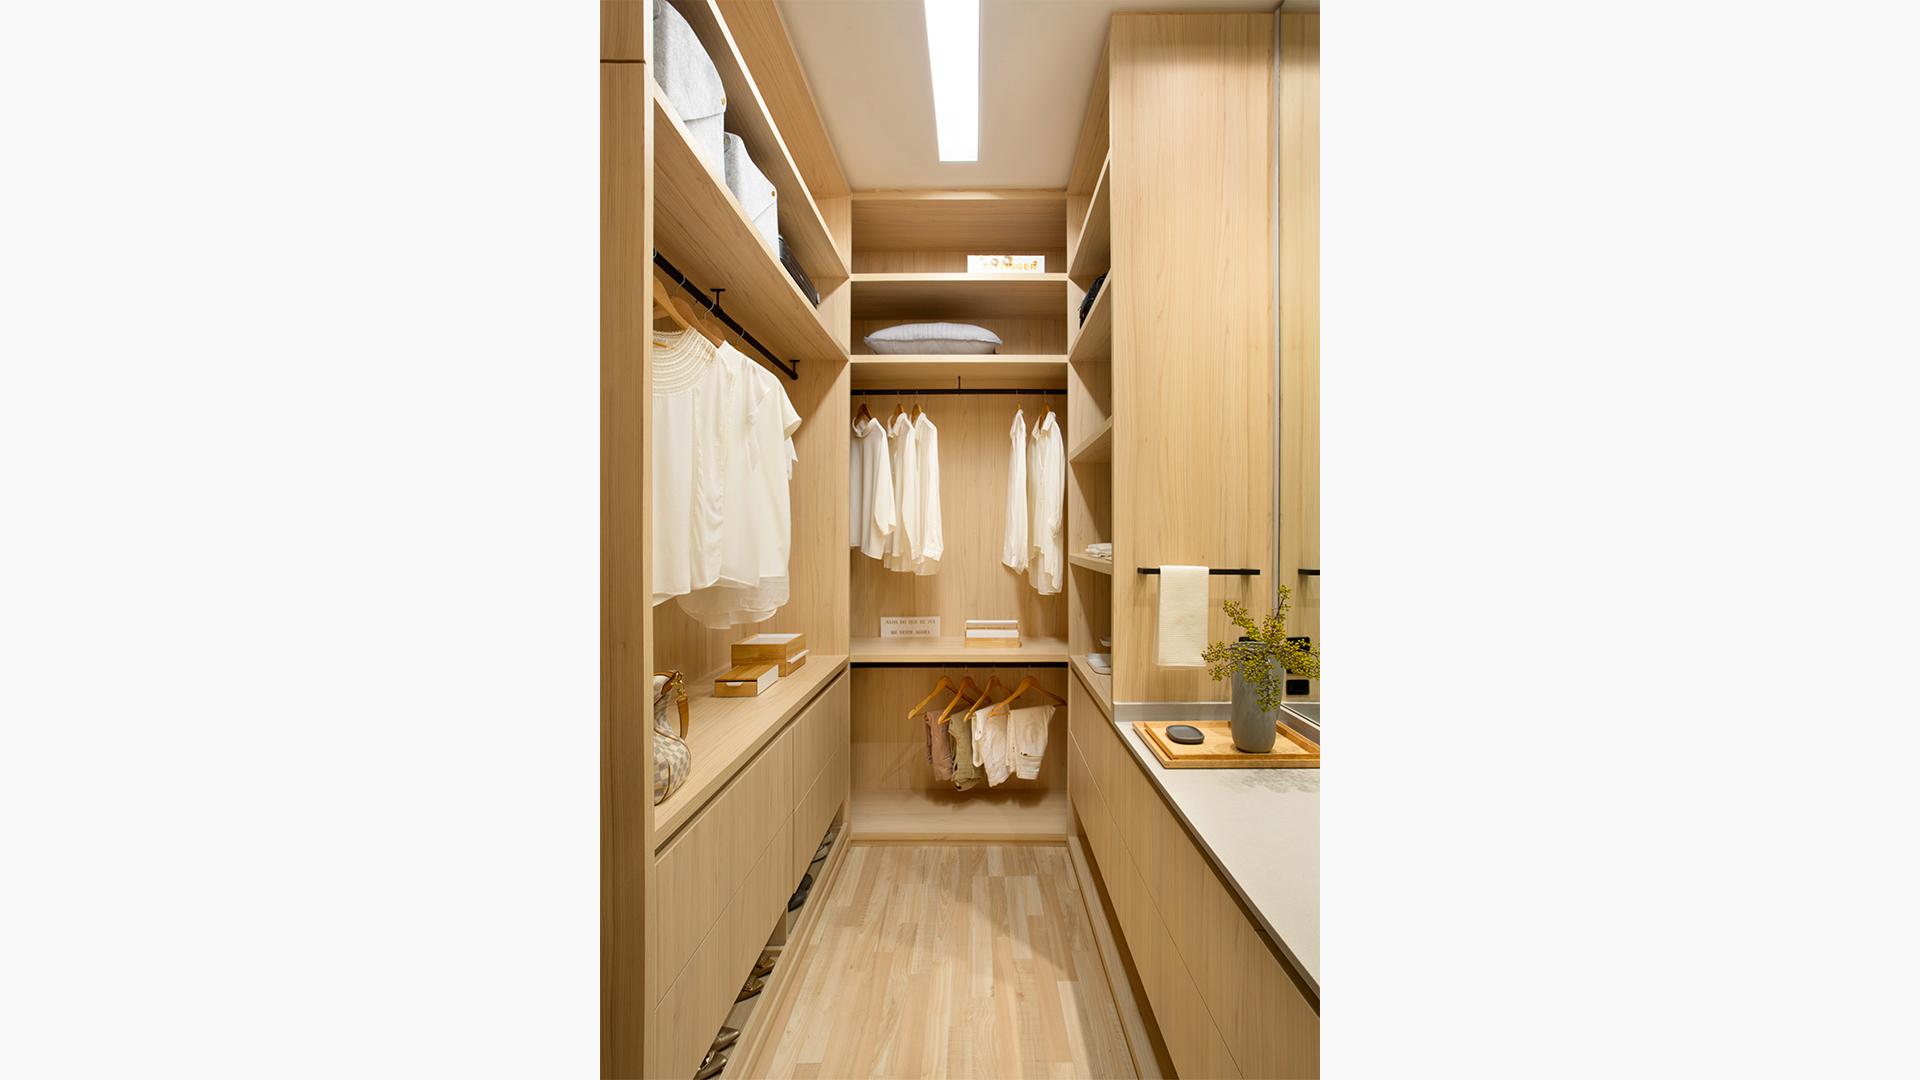 Mobiliário fabricado com os painéis de MDF desde 2015 já estão protegidos, graças à ação ampla da tecnologia. Na foto, projeto Hobjeto Arquitetura com MDF Bilbao Guararapes.